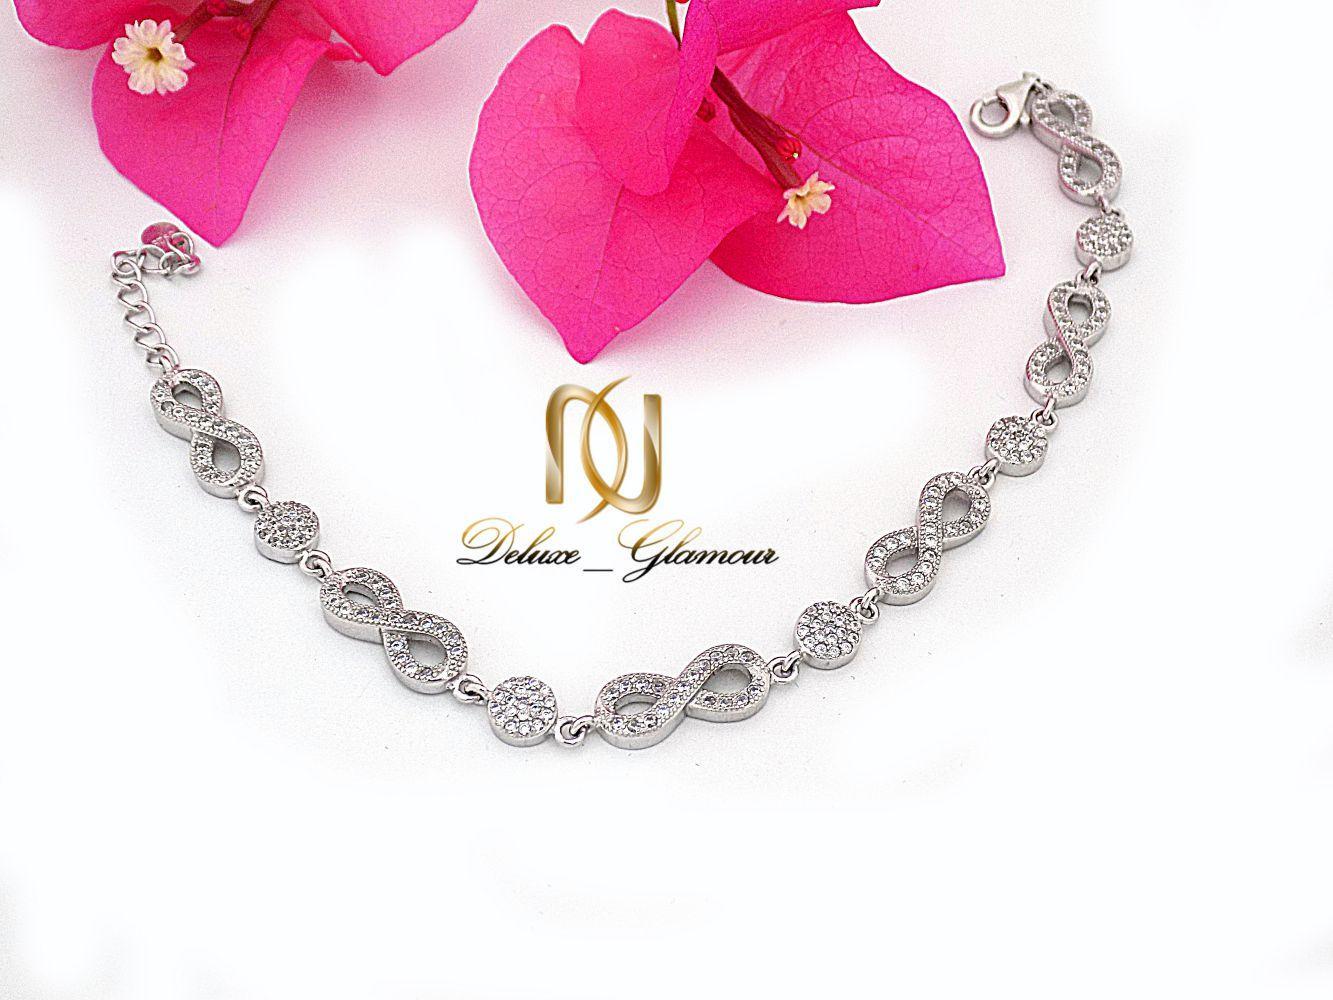 دستبند نقره دخترانه طرح بی نهایت با نگین های برلیان اتمی ds-n233